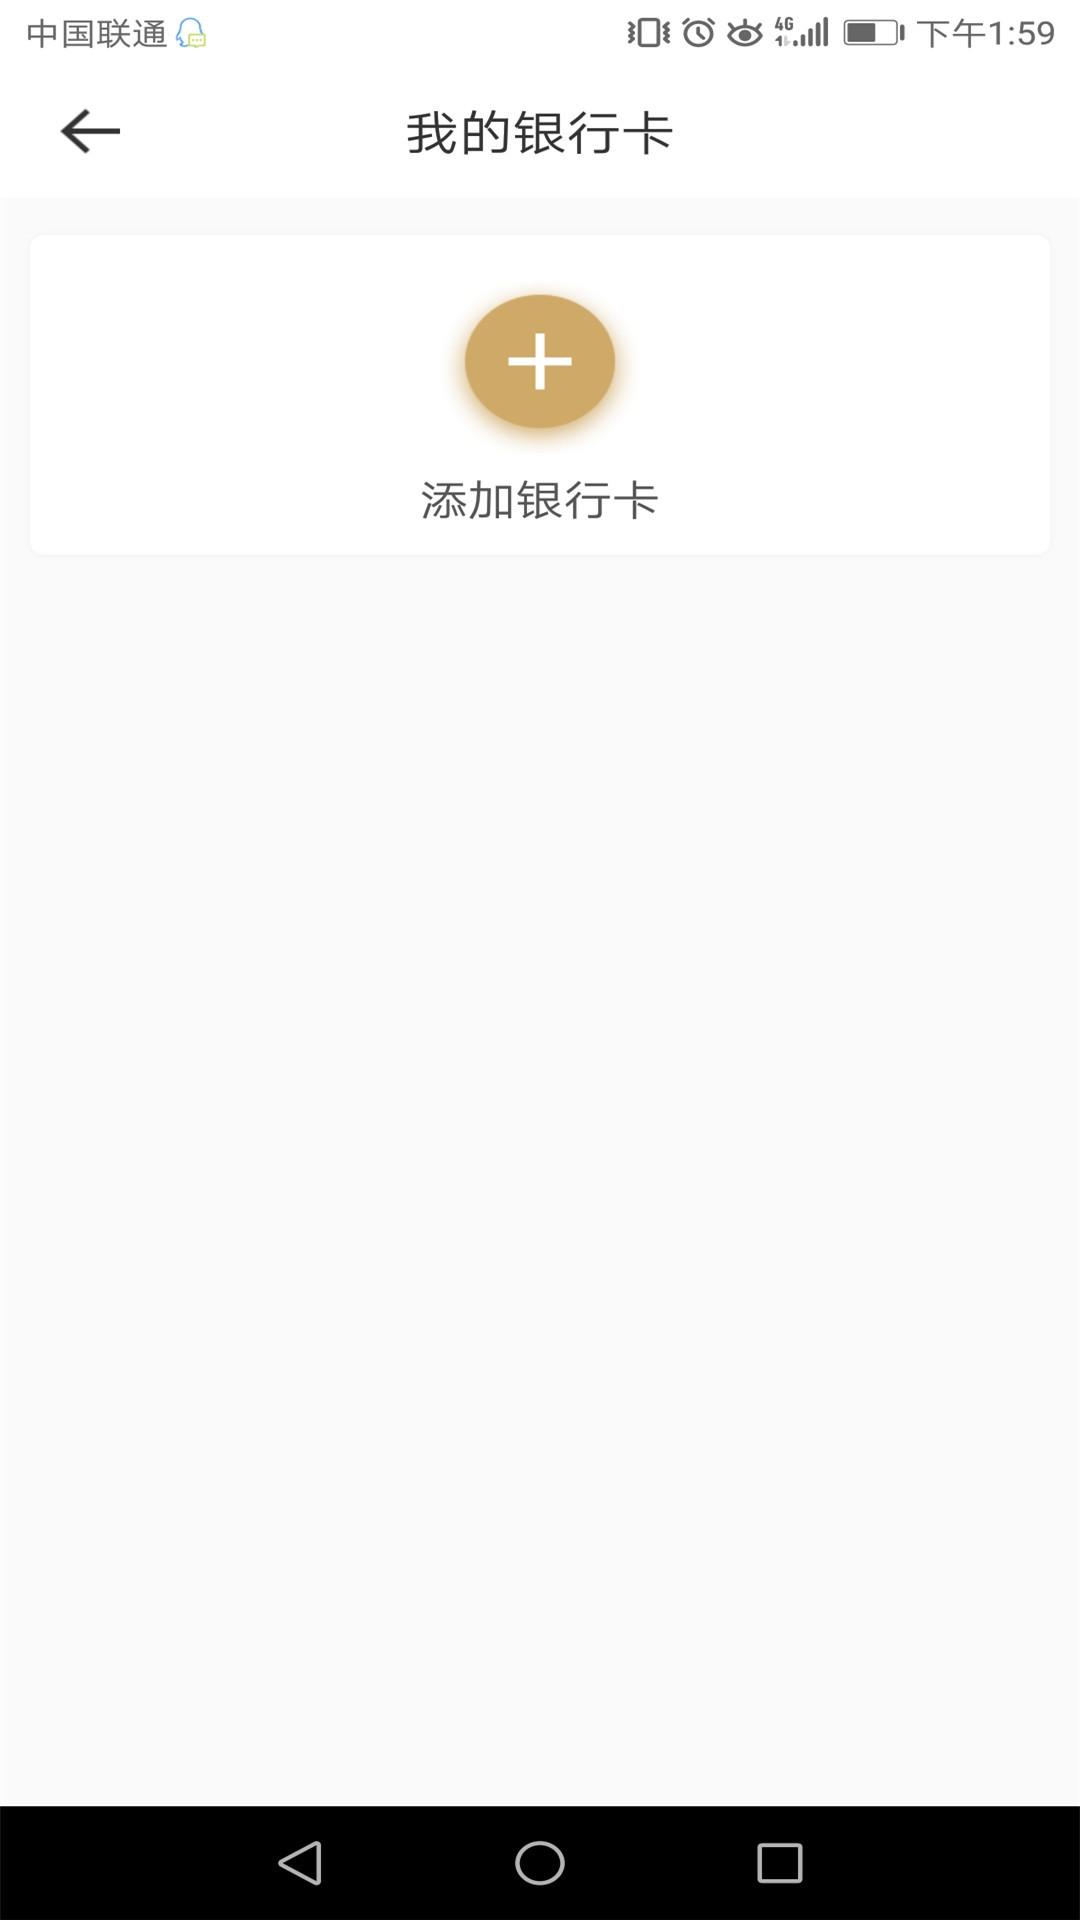 天天回收官方手机版app下载图2: